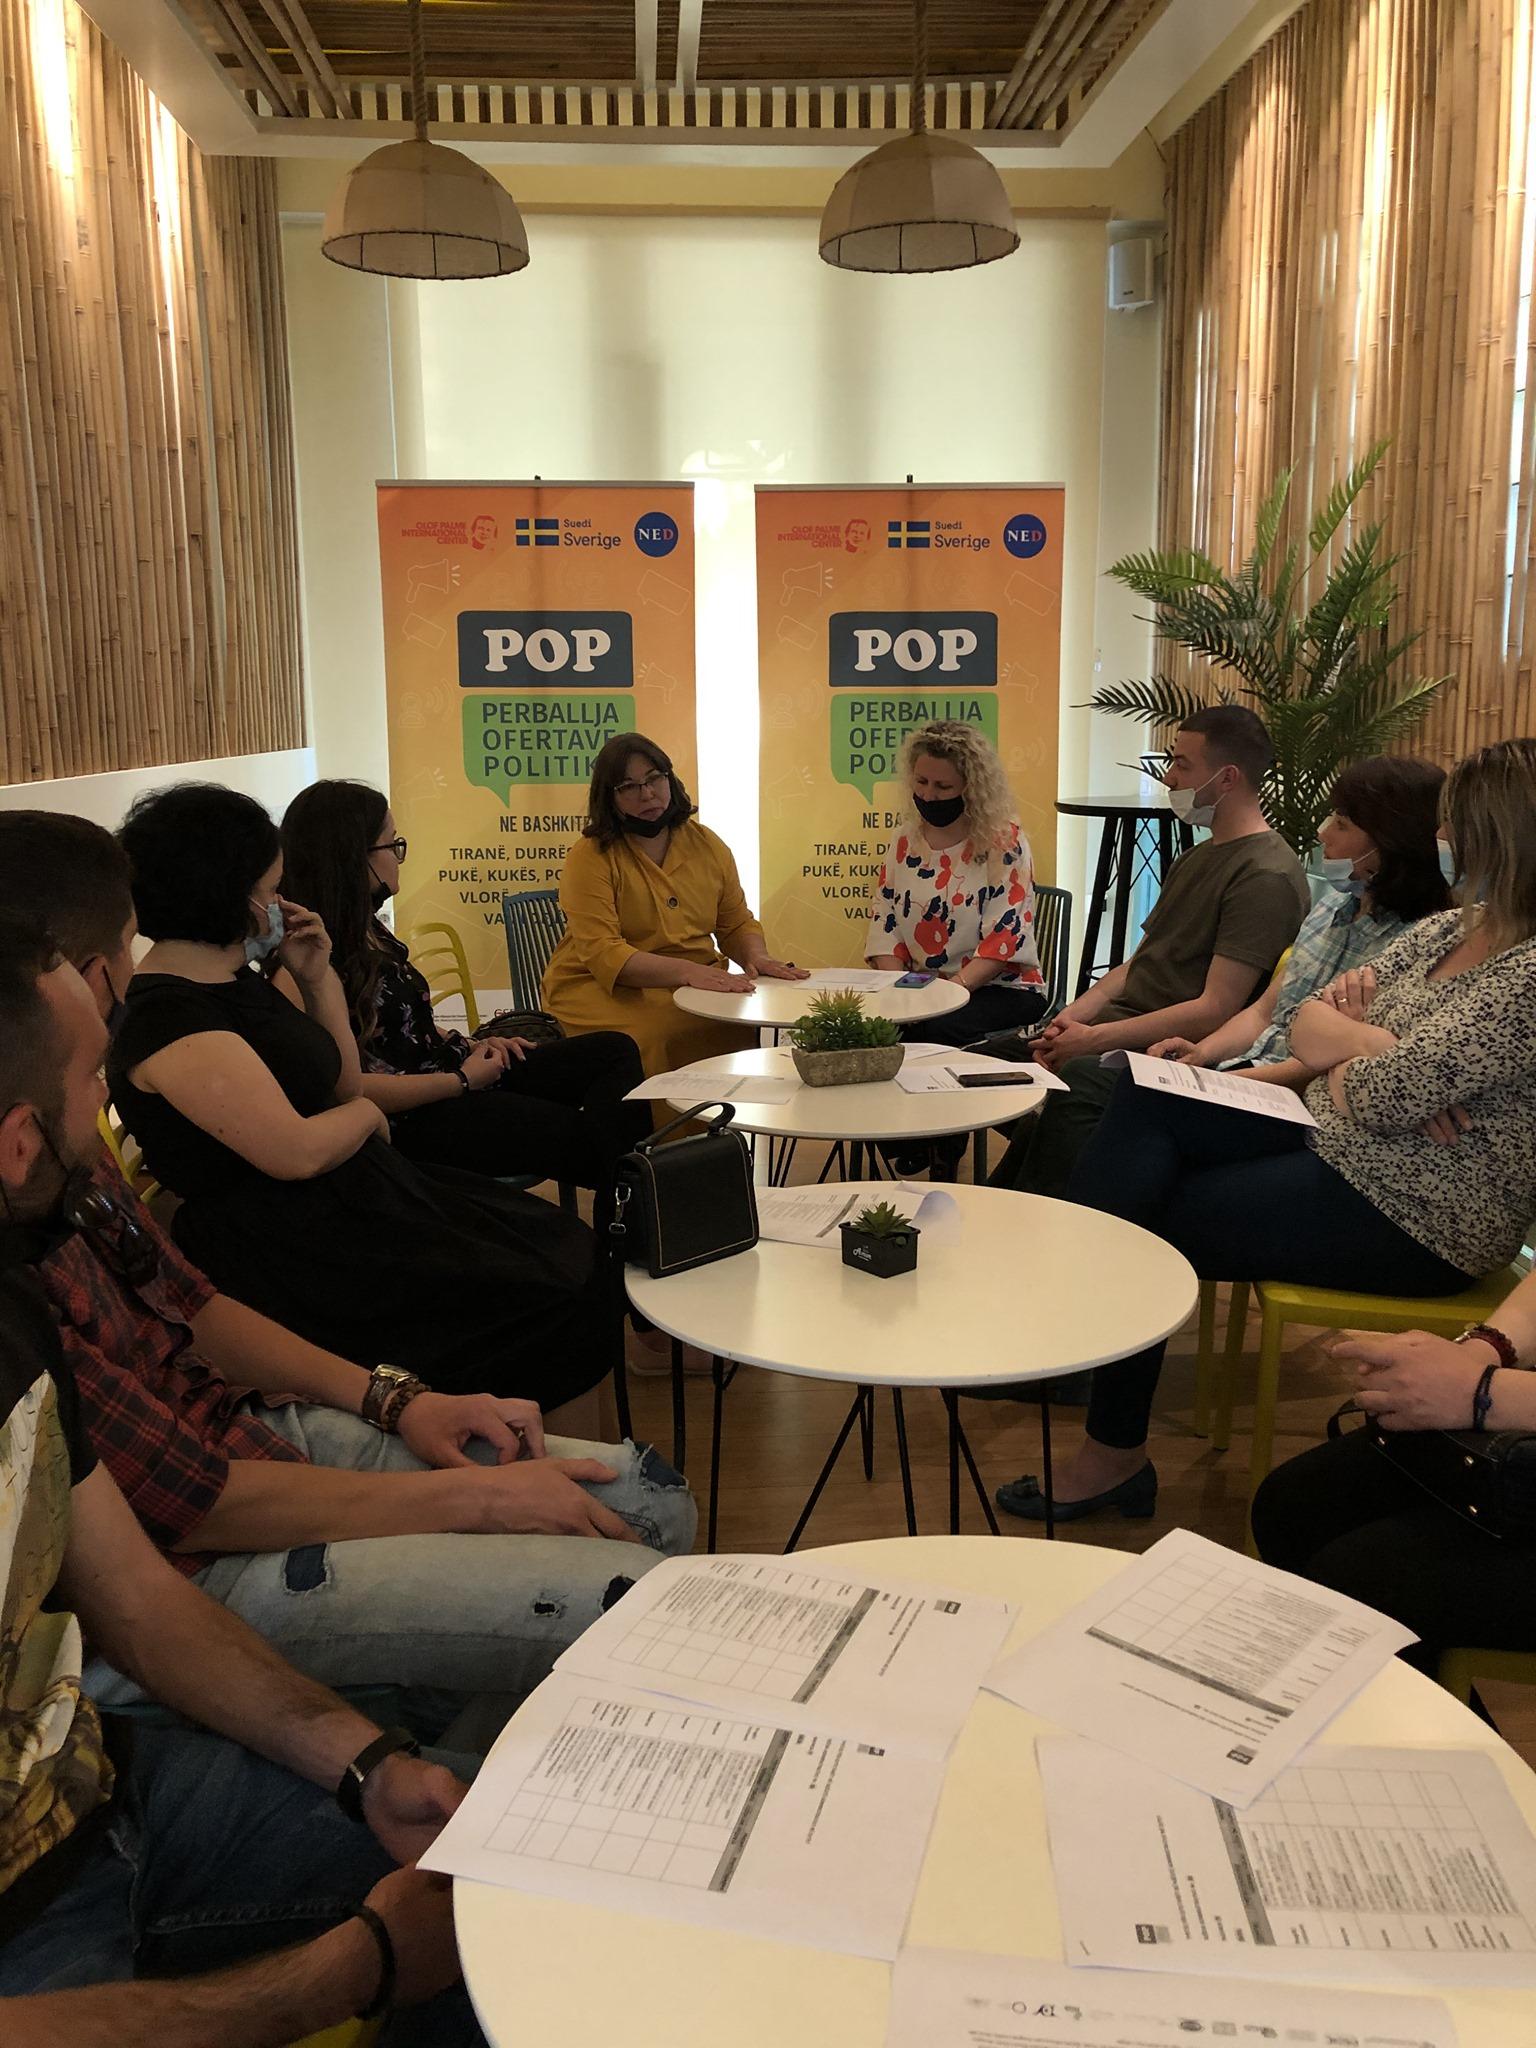 POP – Përfundojnë takimet me fokus-grupet në Korçë